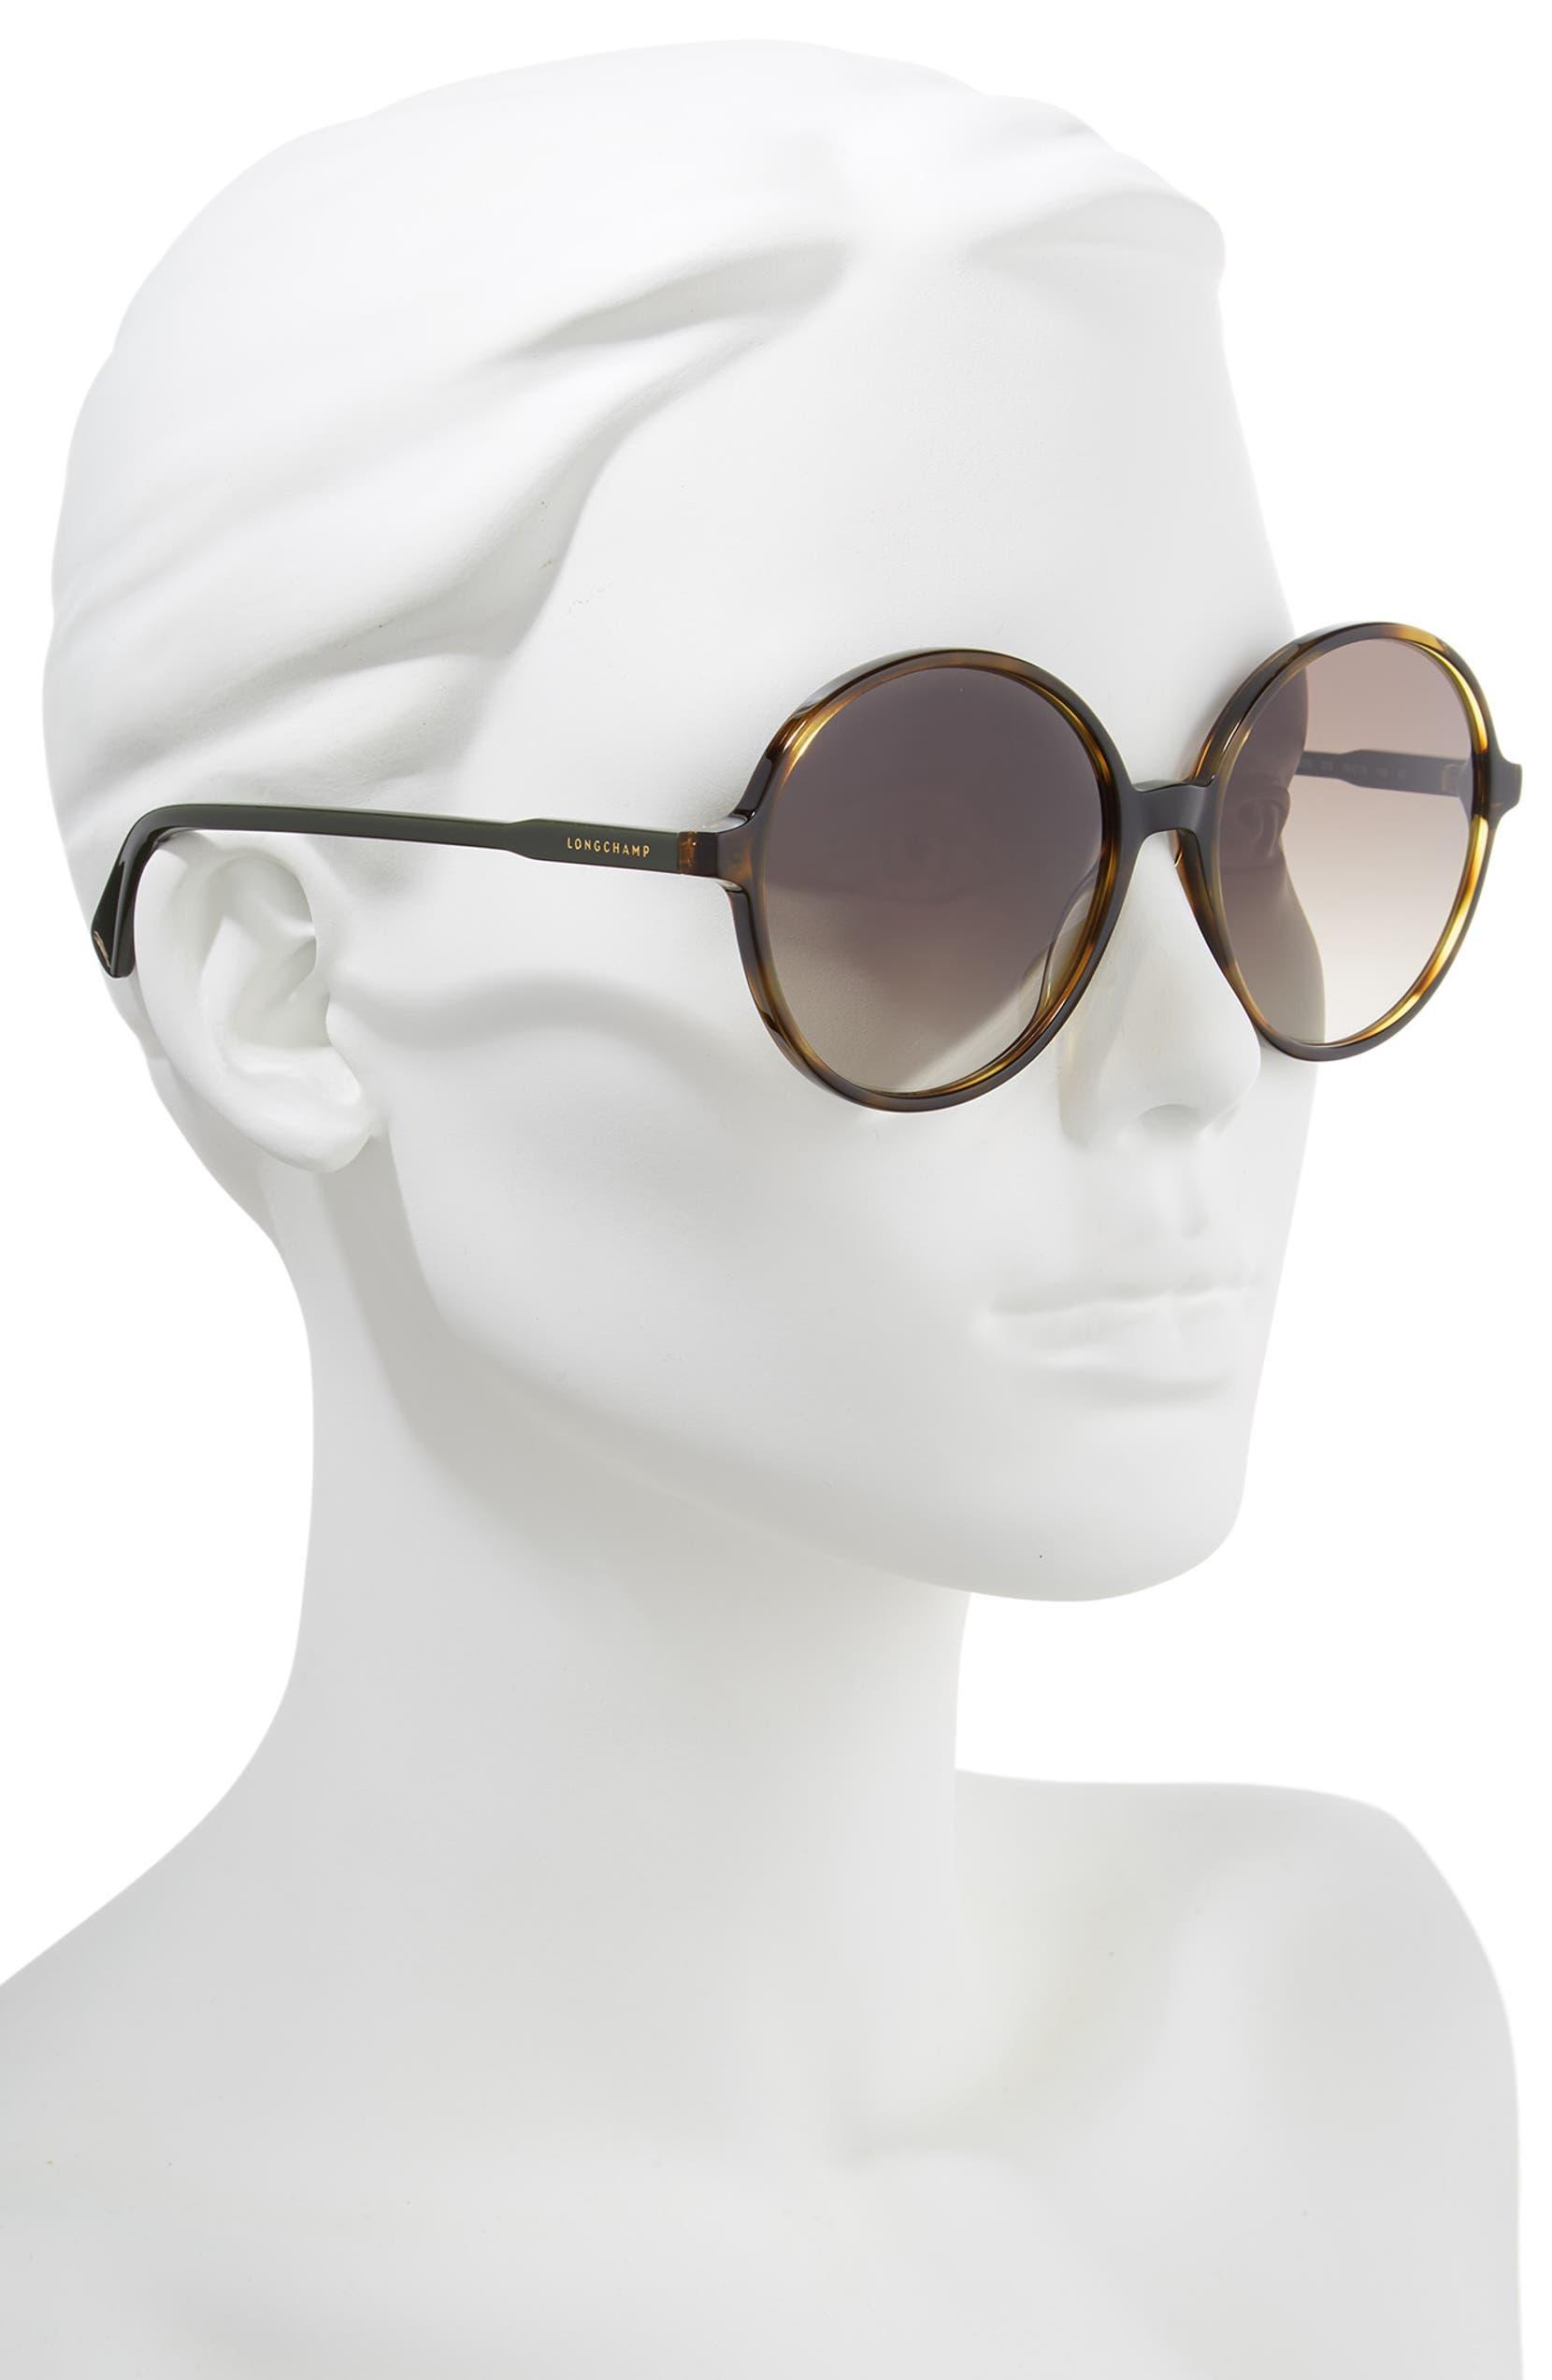 9e816677c2c Longchamp 49mm Gradient Round Sunglasses